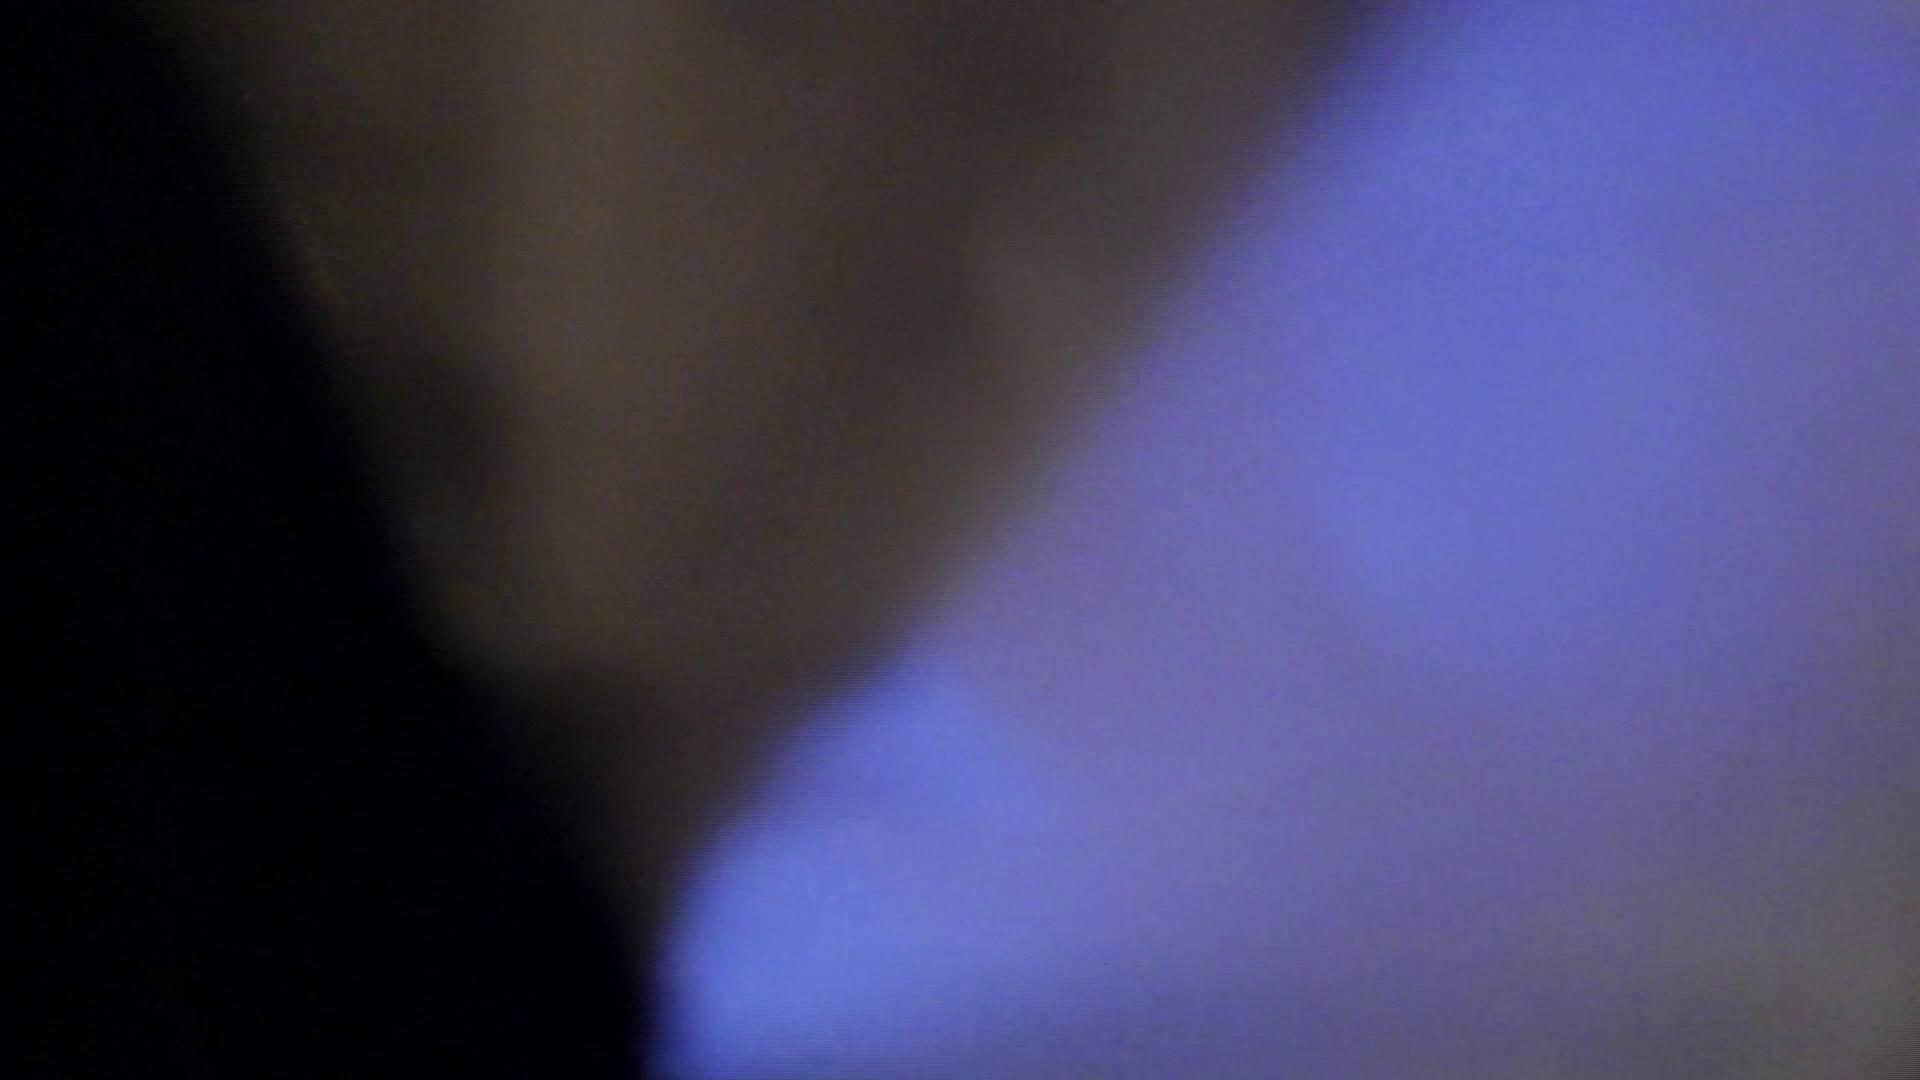 ヒトニアラヅNo.01 侵入 いじくり おめこ無修正画像 68画像 6